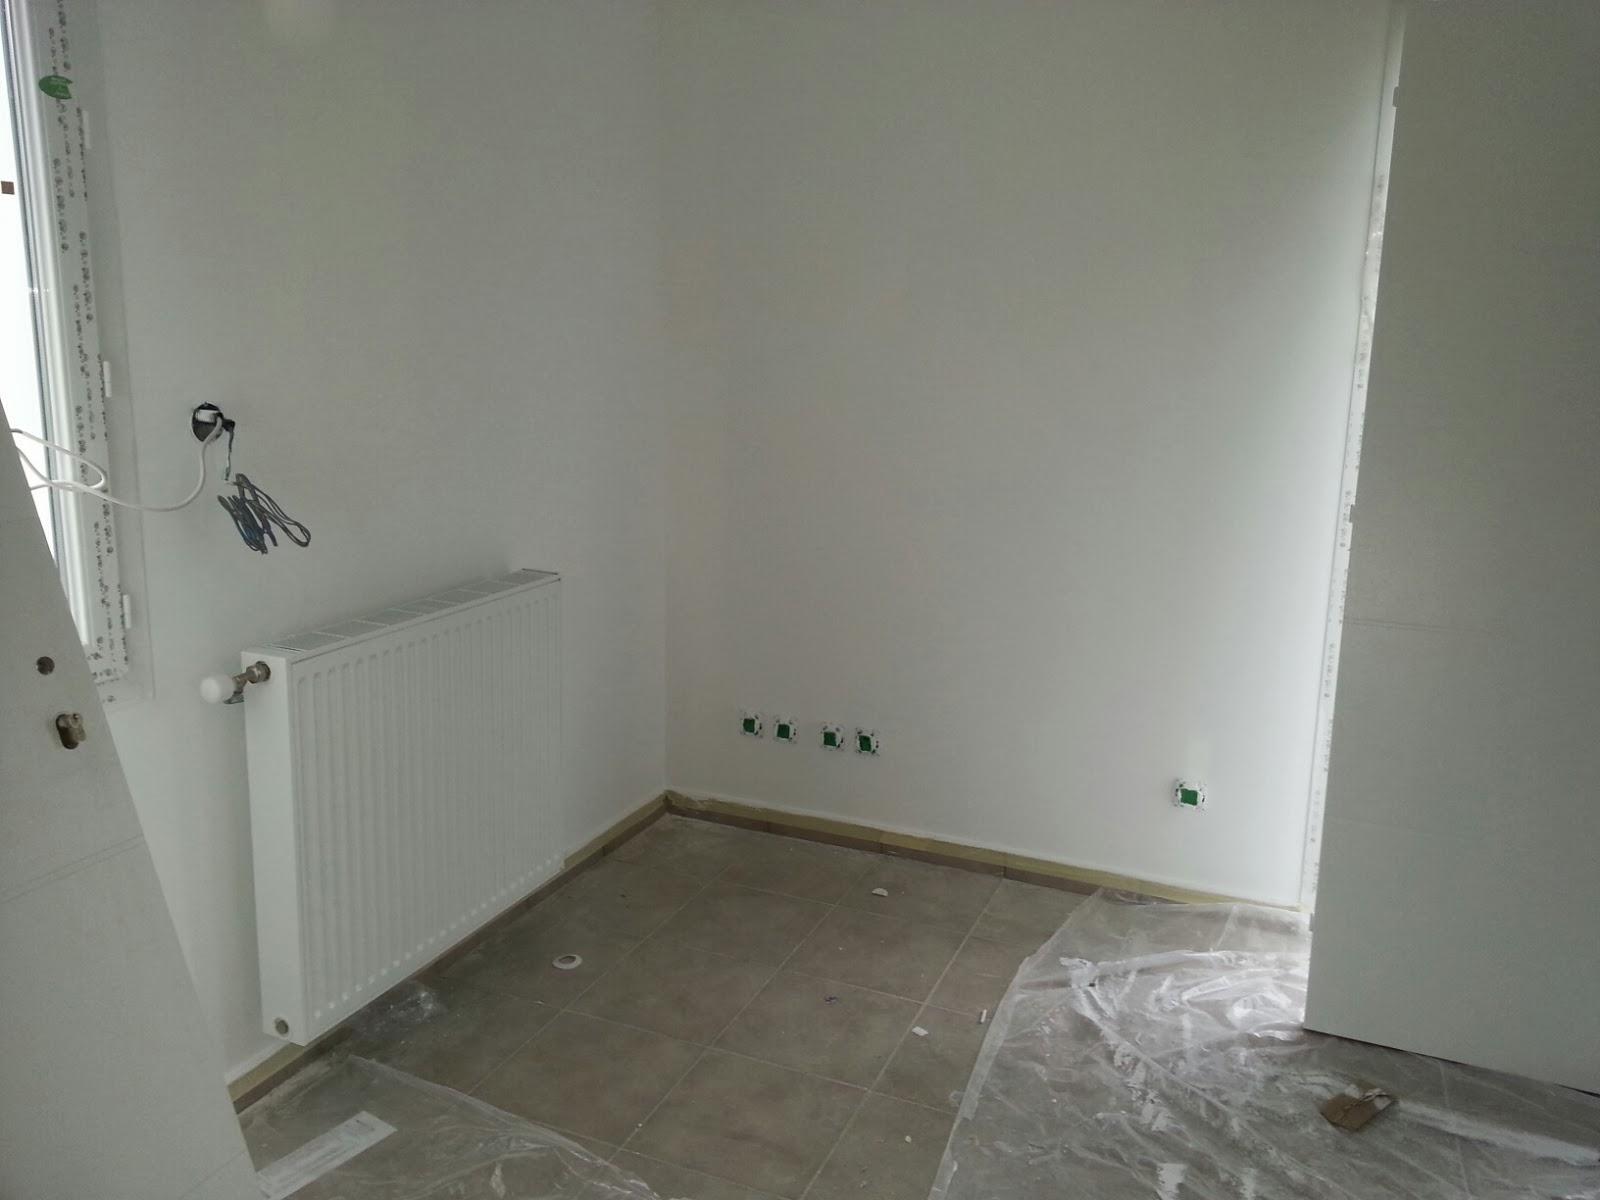 Peinture finie notre maison pregnin for Mettre un meuble devant un radiateur